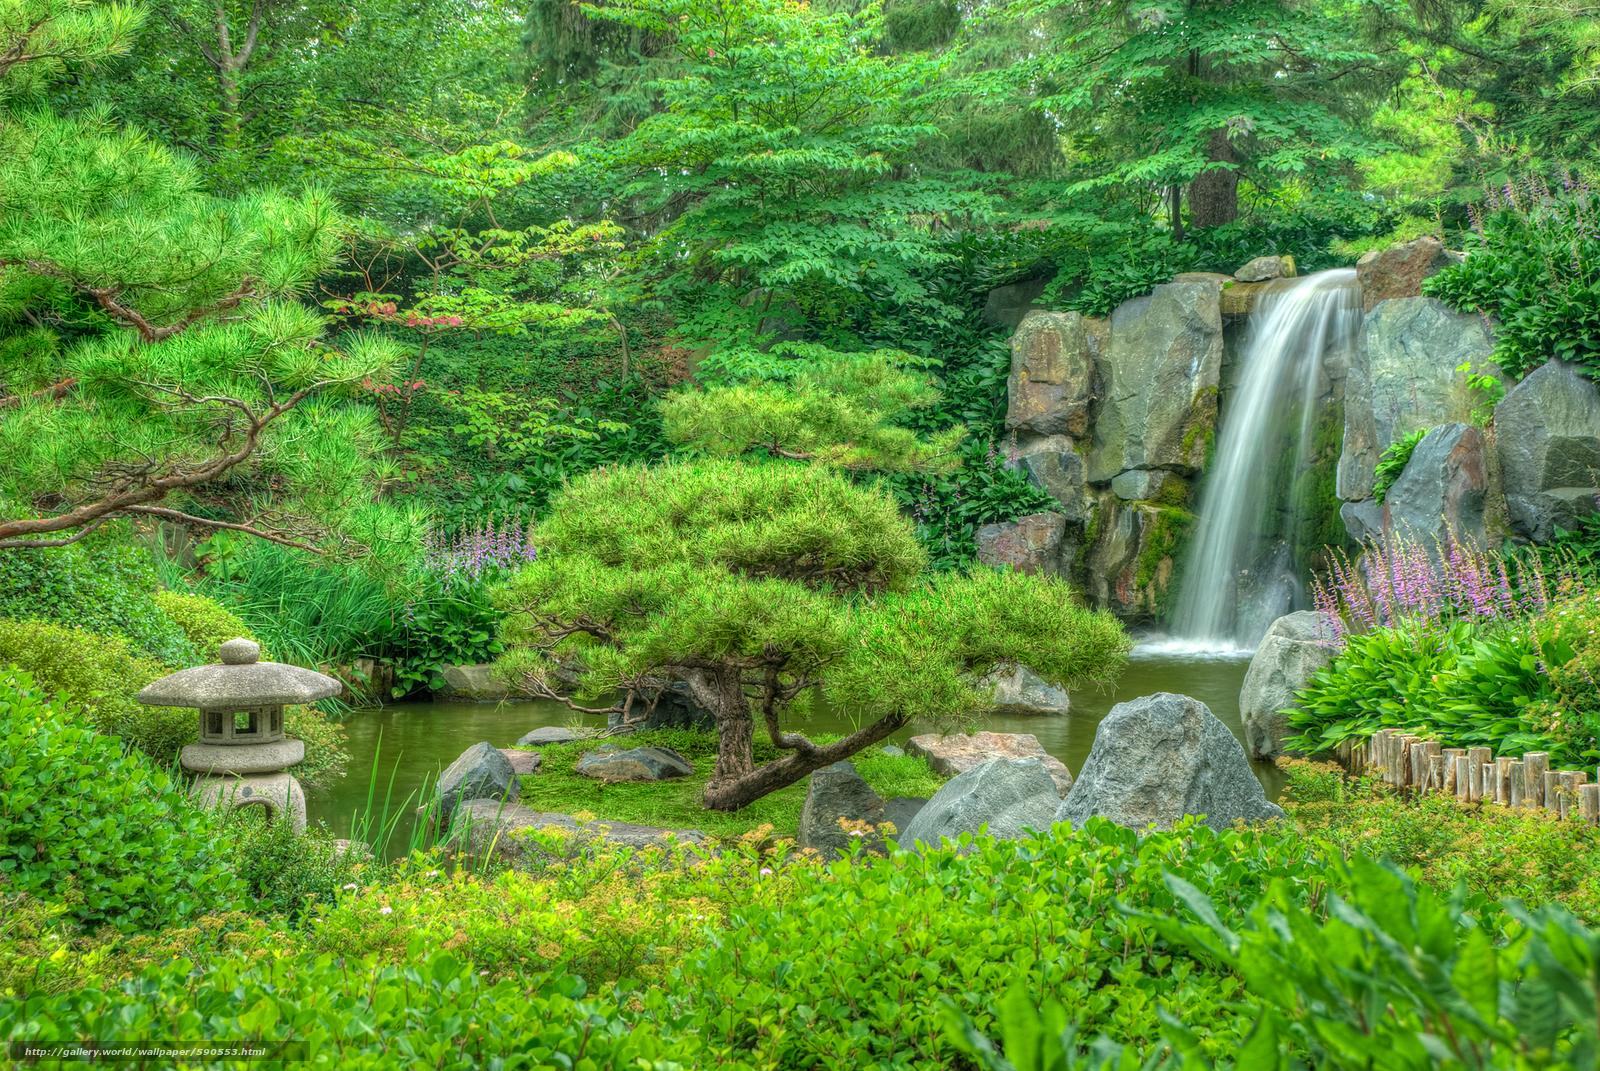 Tlcharger fond d 39 ecran le jardin japonais parc jardin for Cascade jardin japonais